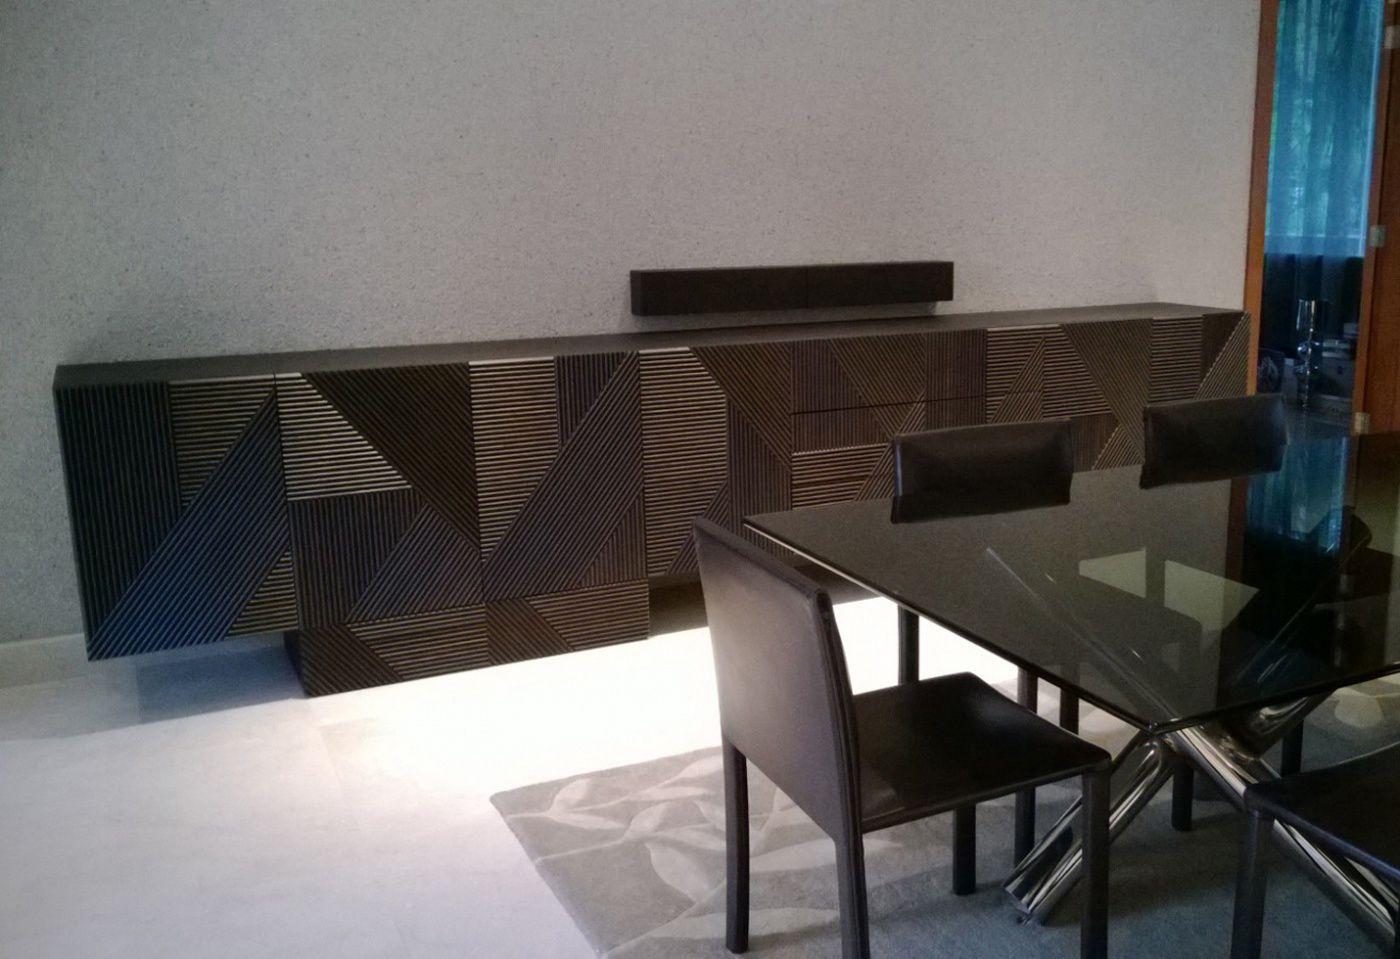 Credenza Moderna Laccata Rossa : Credenza moderna in legno di ferruccio laviani stripes